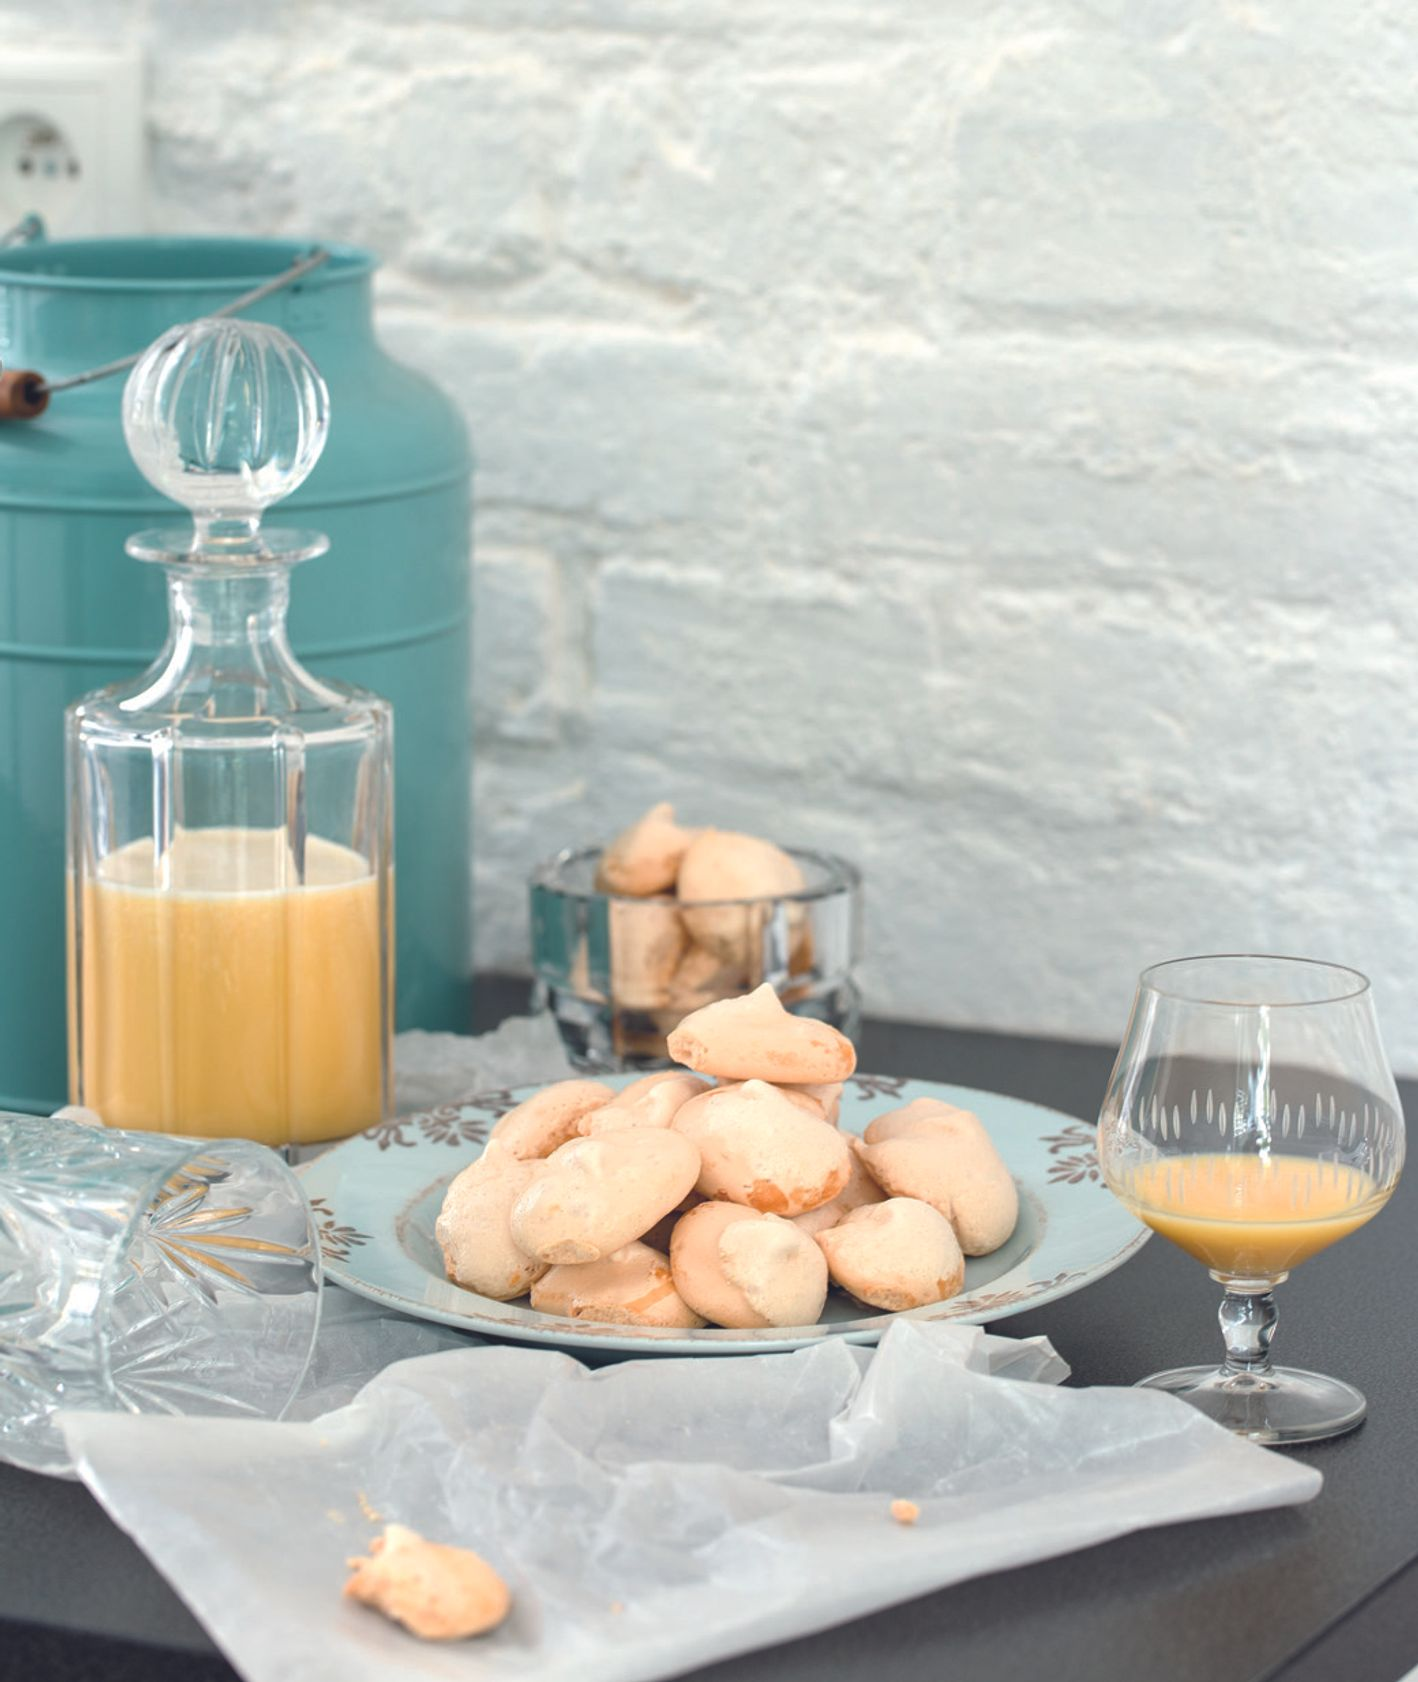 Gotowy ajerkoniak w karafce, kieliszki z likierem jajecznym, bezy (fot. dinnershow studio)